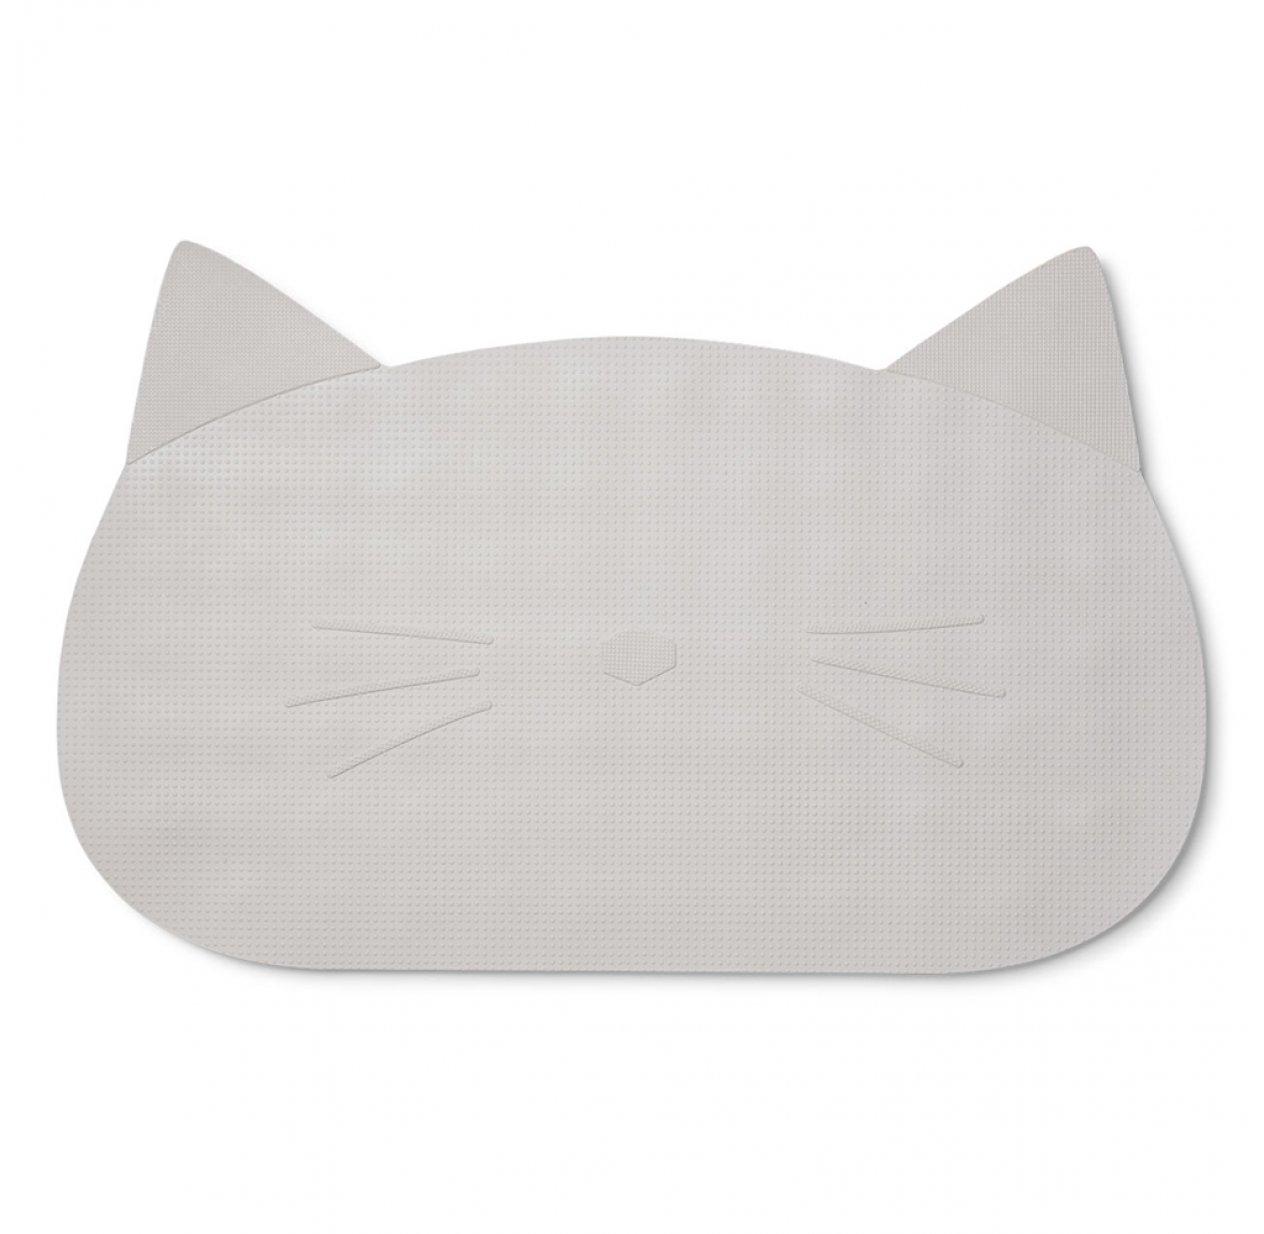 tapis de bain chat gris l phant liewood pour chambre enfant les enfants du design. Black Bedroom Furniture Sets. Home Design Ideas